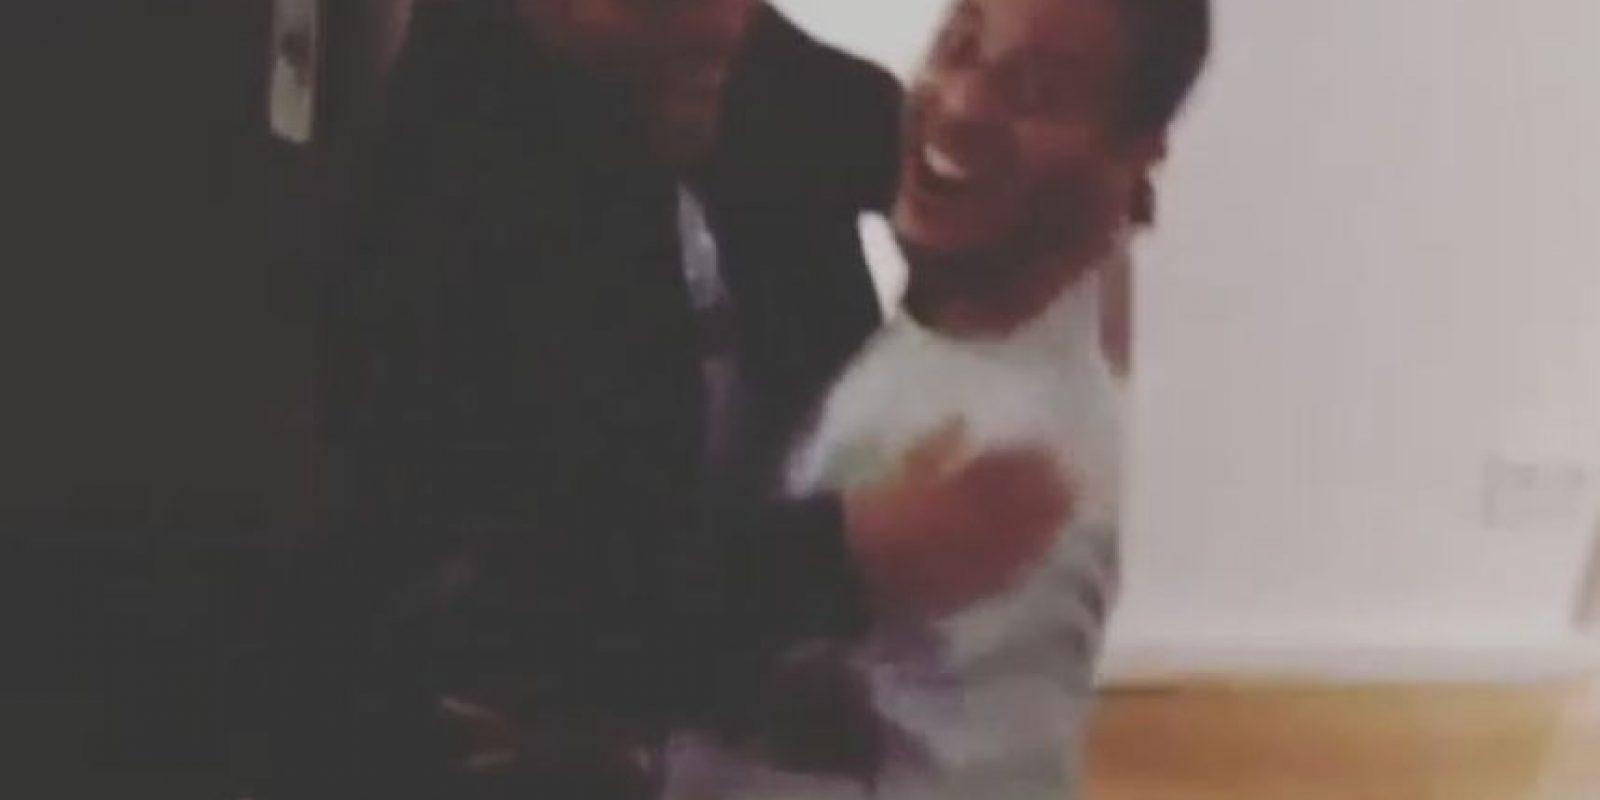 Thiago también publicó un video de una visita de Jonathan a Munich, donde él radica ahora. En él, ambos se abrazan por la emoción de verse de nuevo y hasta caen al piso. Foto:Instagram @Thiago6